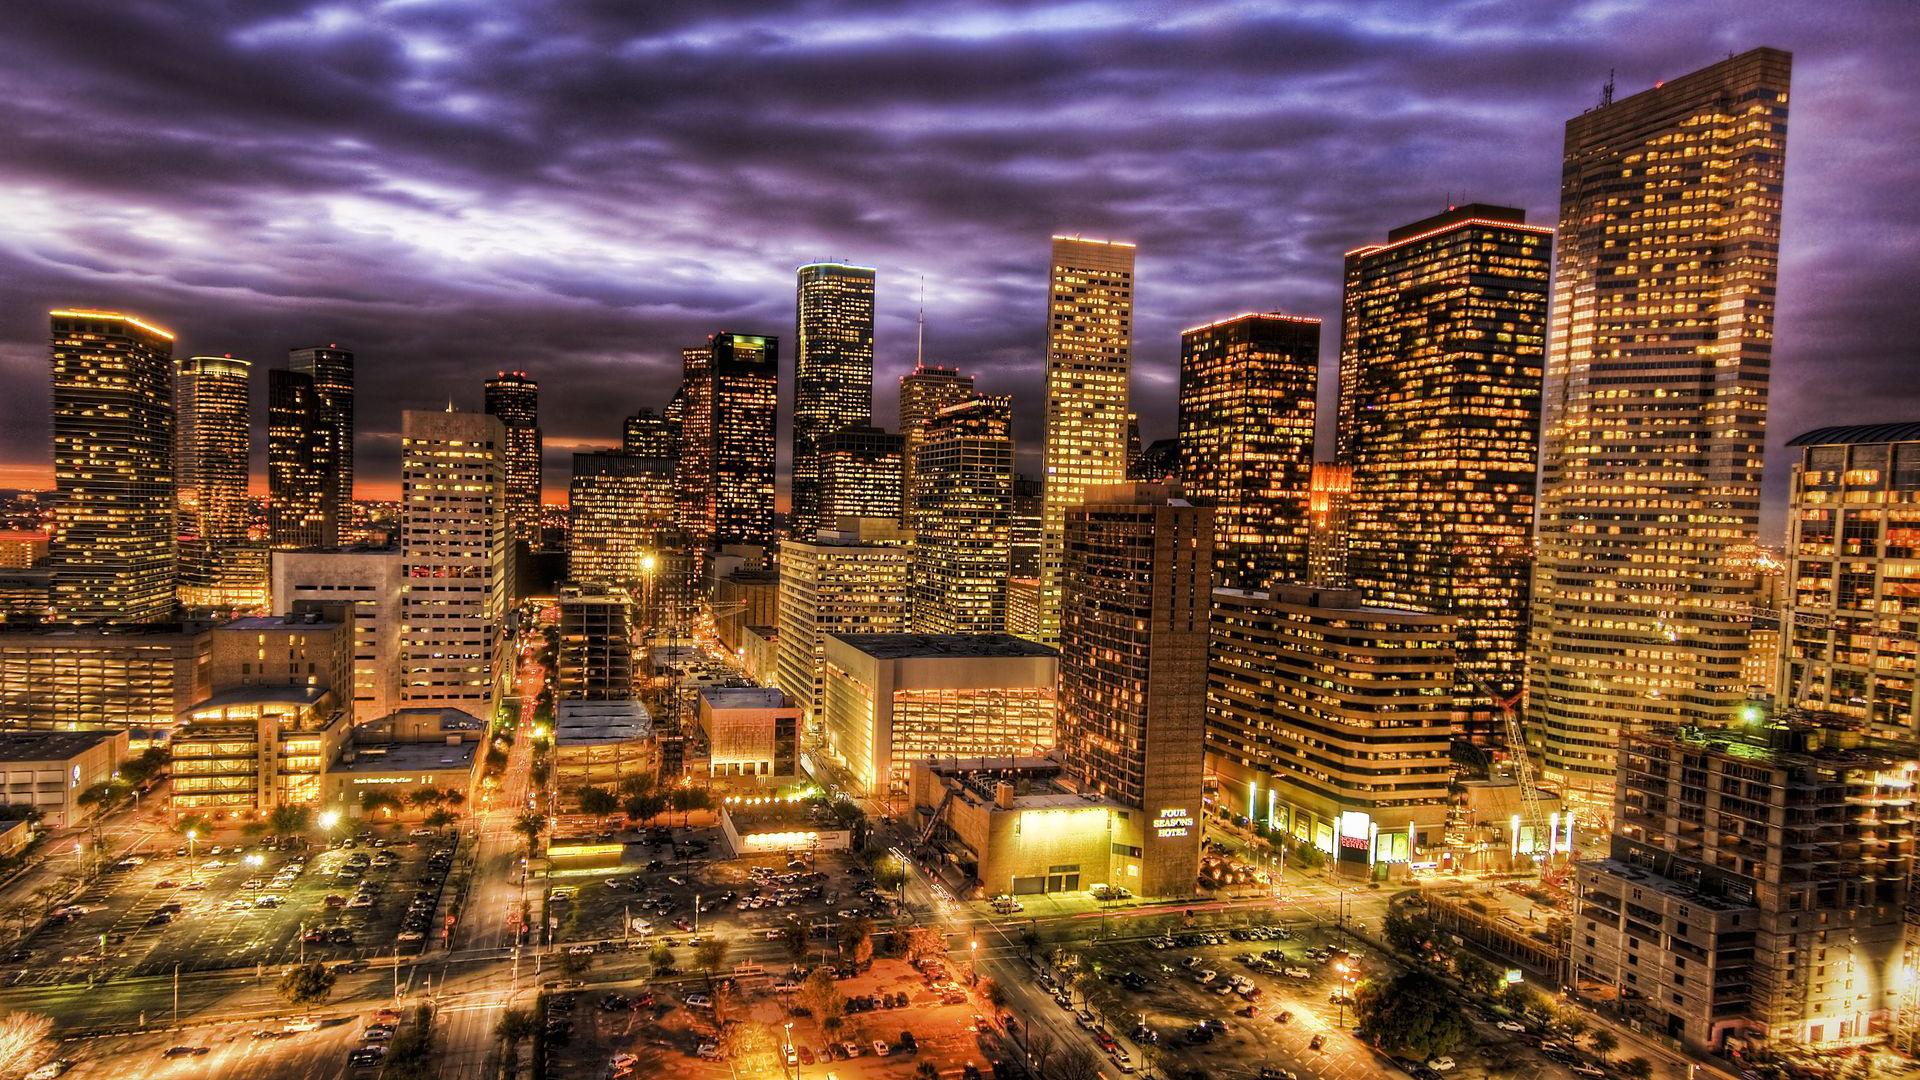 city hd wallpapers 1080p wallpapersafari